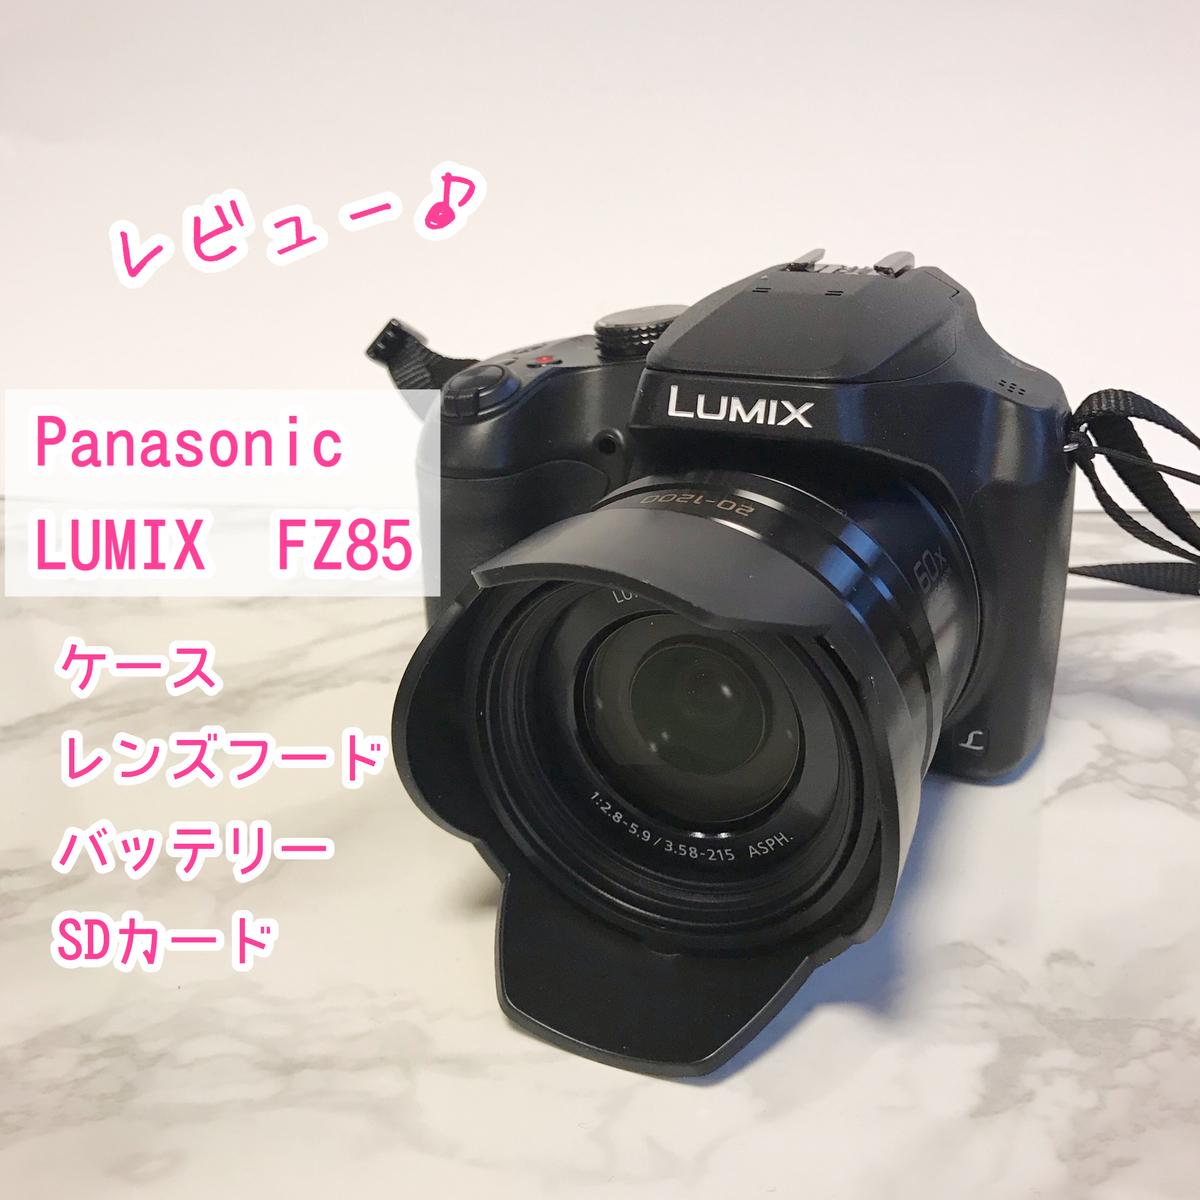 FZ85 SDカード ケース おしゃれ 女性 レンズフード 口コミ ブログ